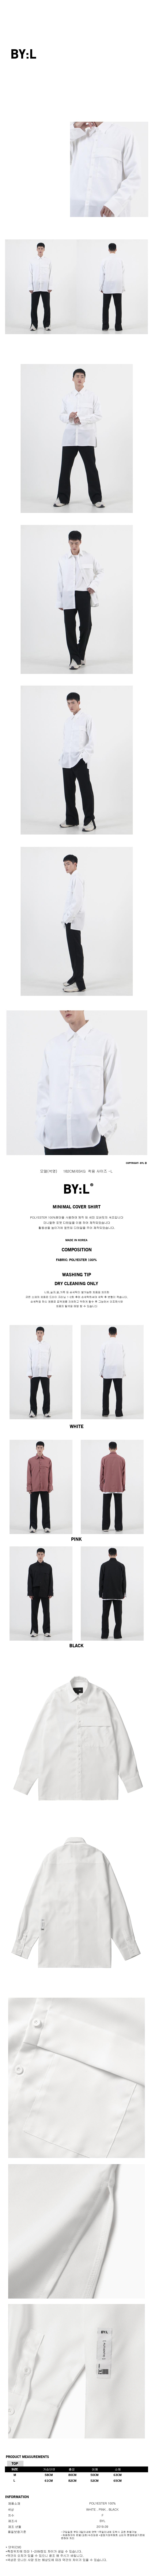 미니멀커버셔츠-흰색.jpg